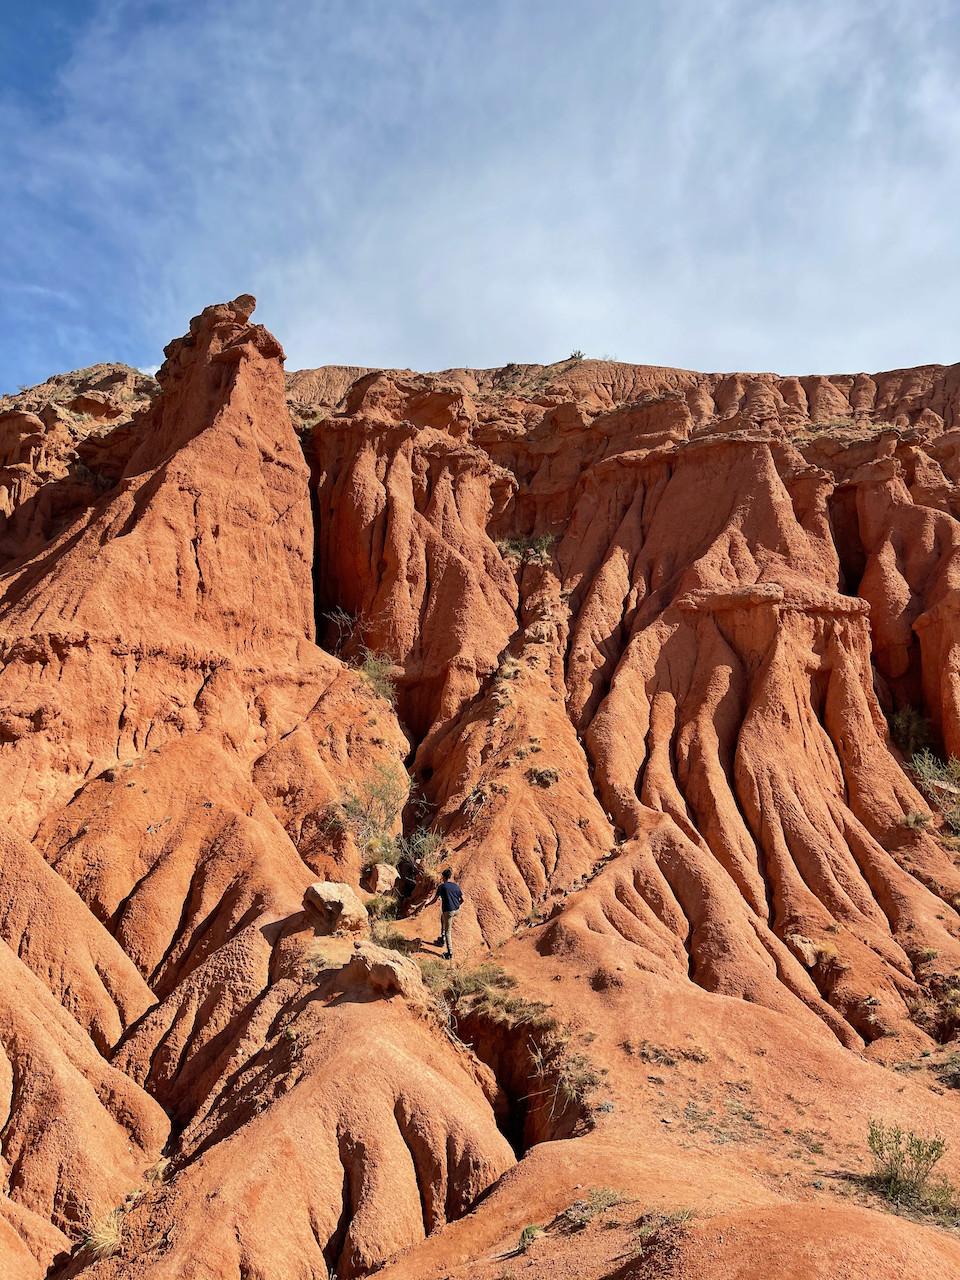 Canyon Kyrgyzstan Skazka Konorchek